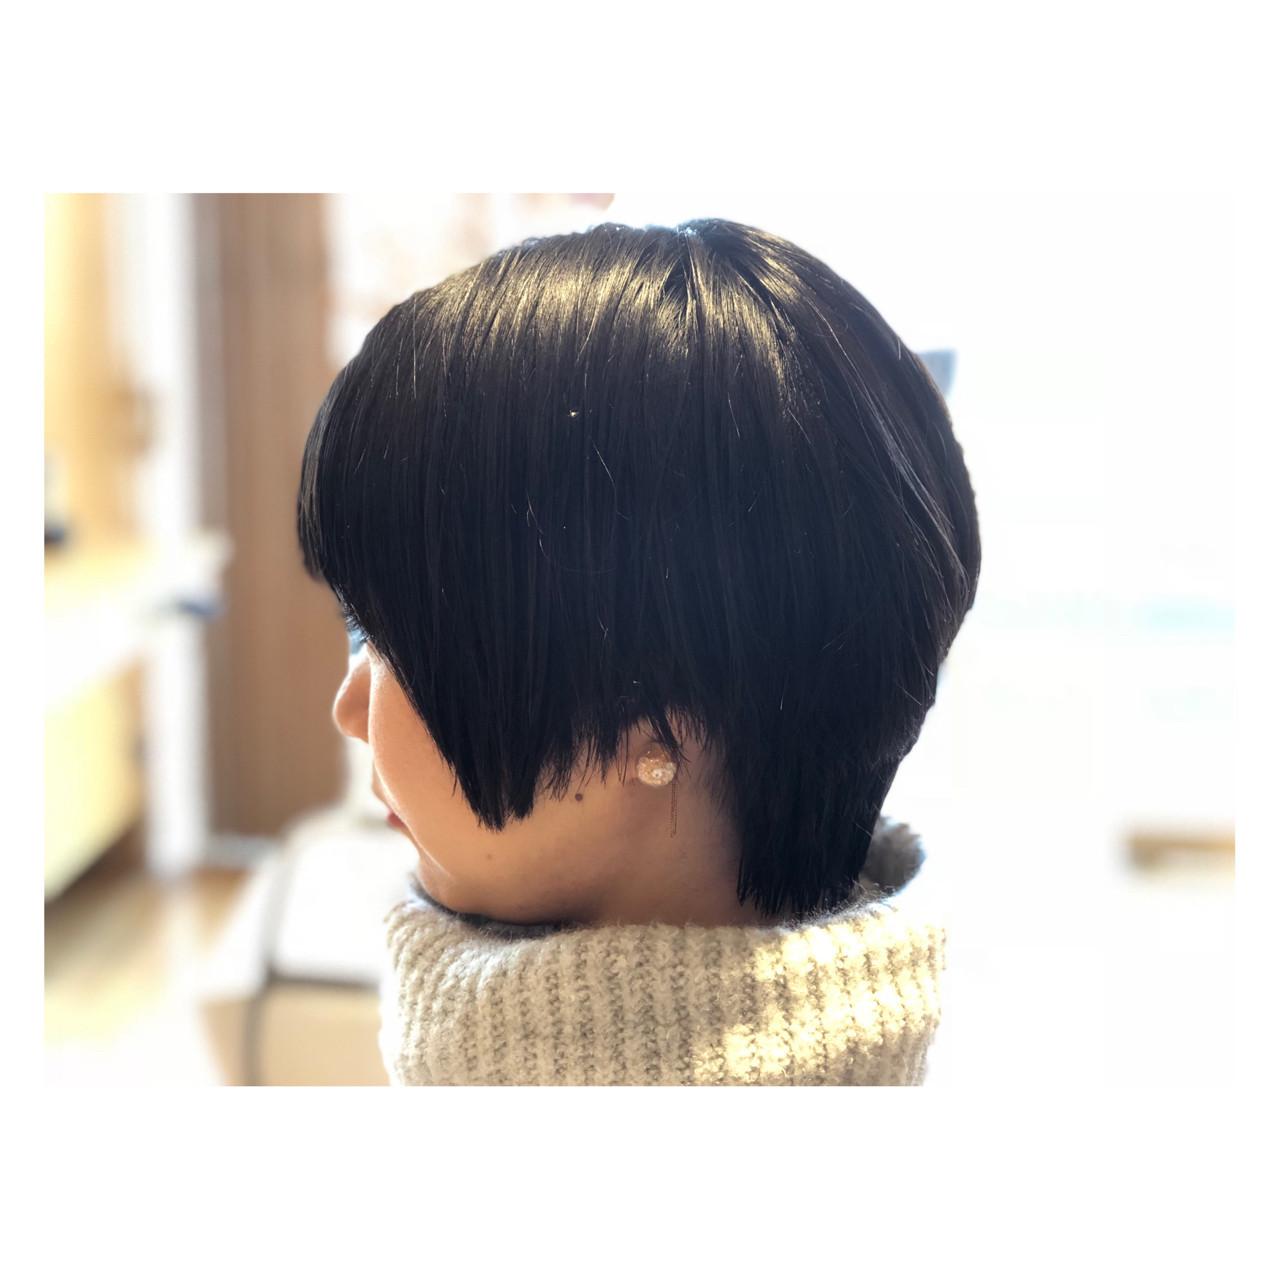 横顔もモード感たっぷりの黒髪ショート ババソウイチロウ  organic+eco